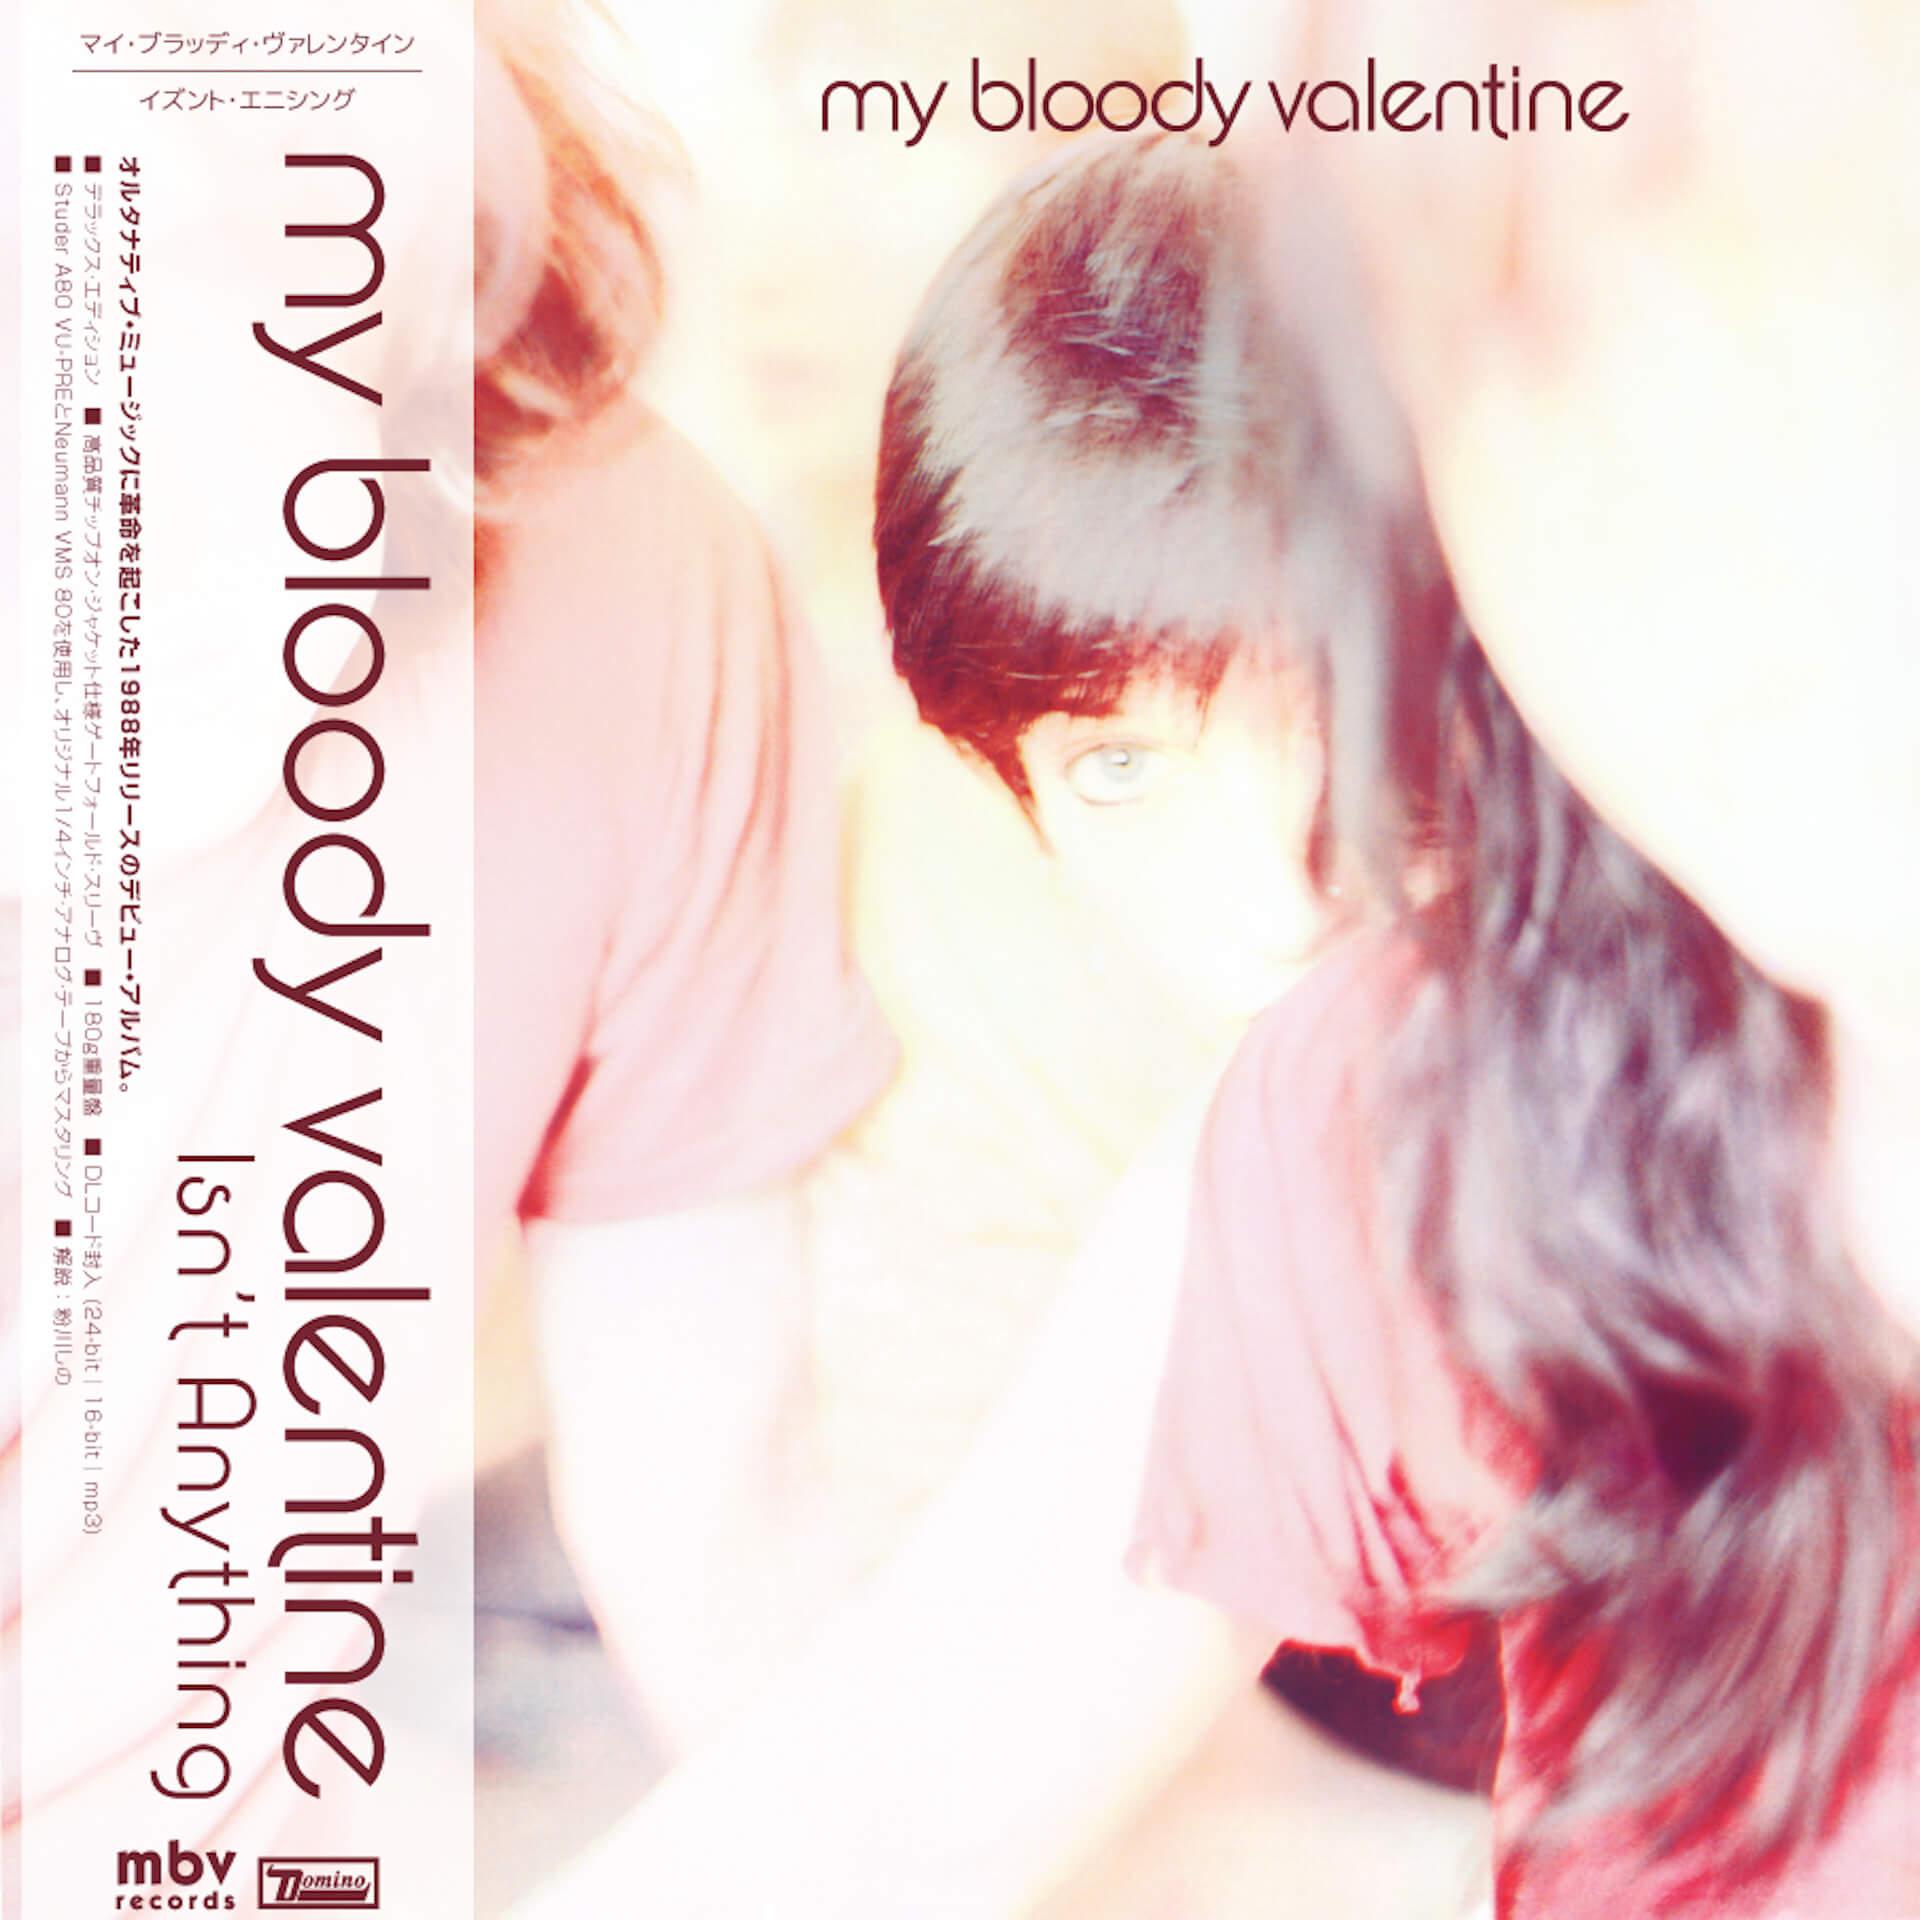 My Bloody Valentine新装盤CDとLPがいよいよ今週発売!レコードショップ別の各種特典が解禁 music210517_mybloodyvalentine-210517_21